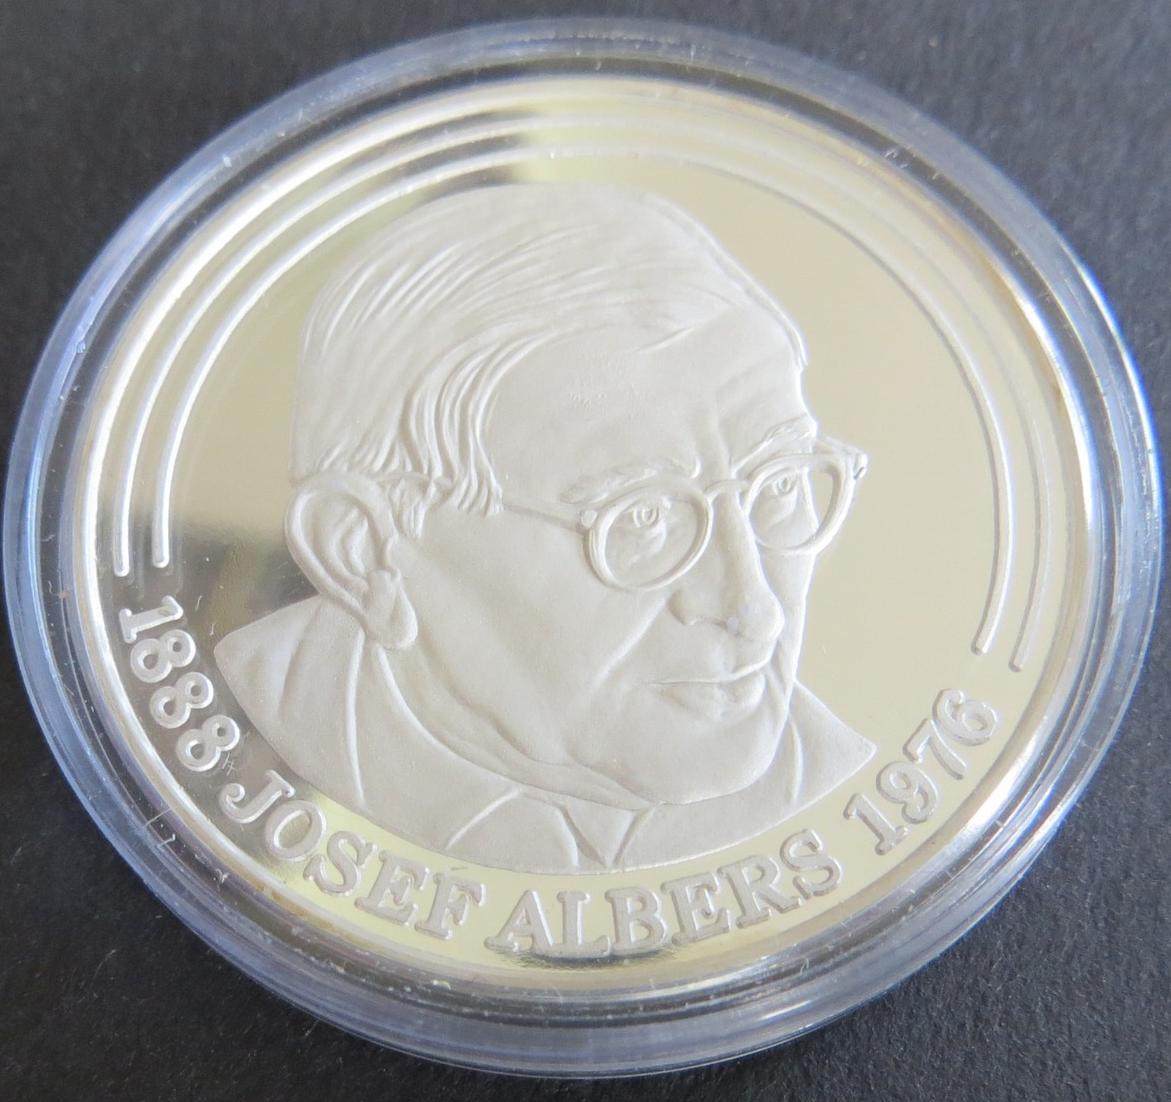 Münze Medaille 1983 Bottrop Josef Albers Museum 15 g 1000er Feinsilber PP